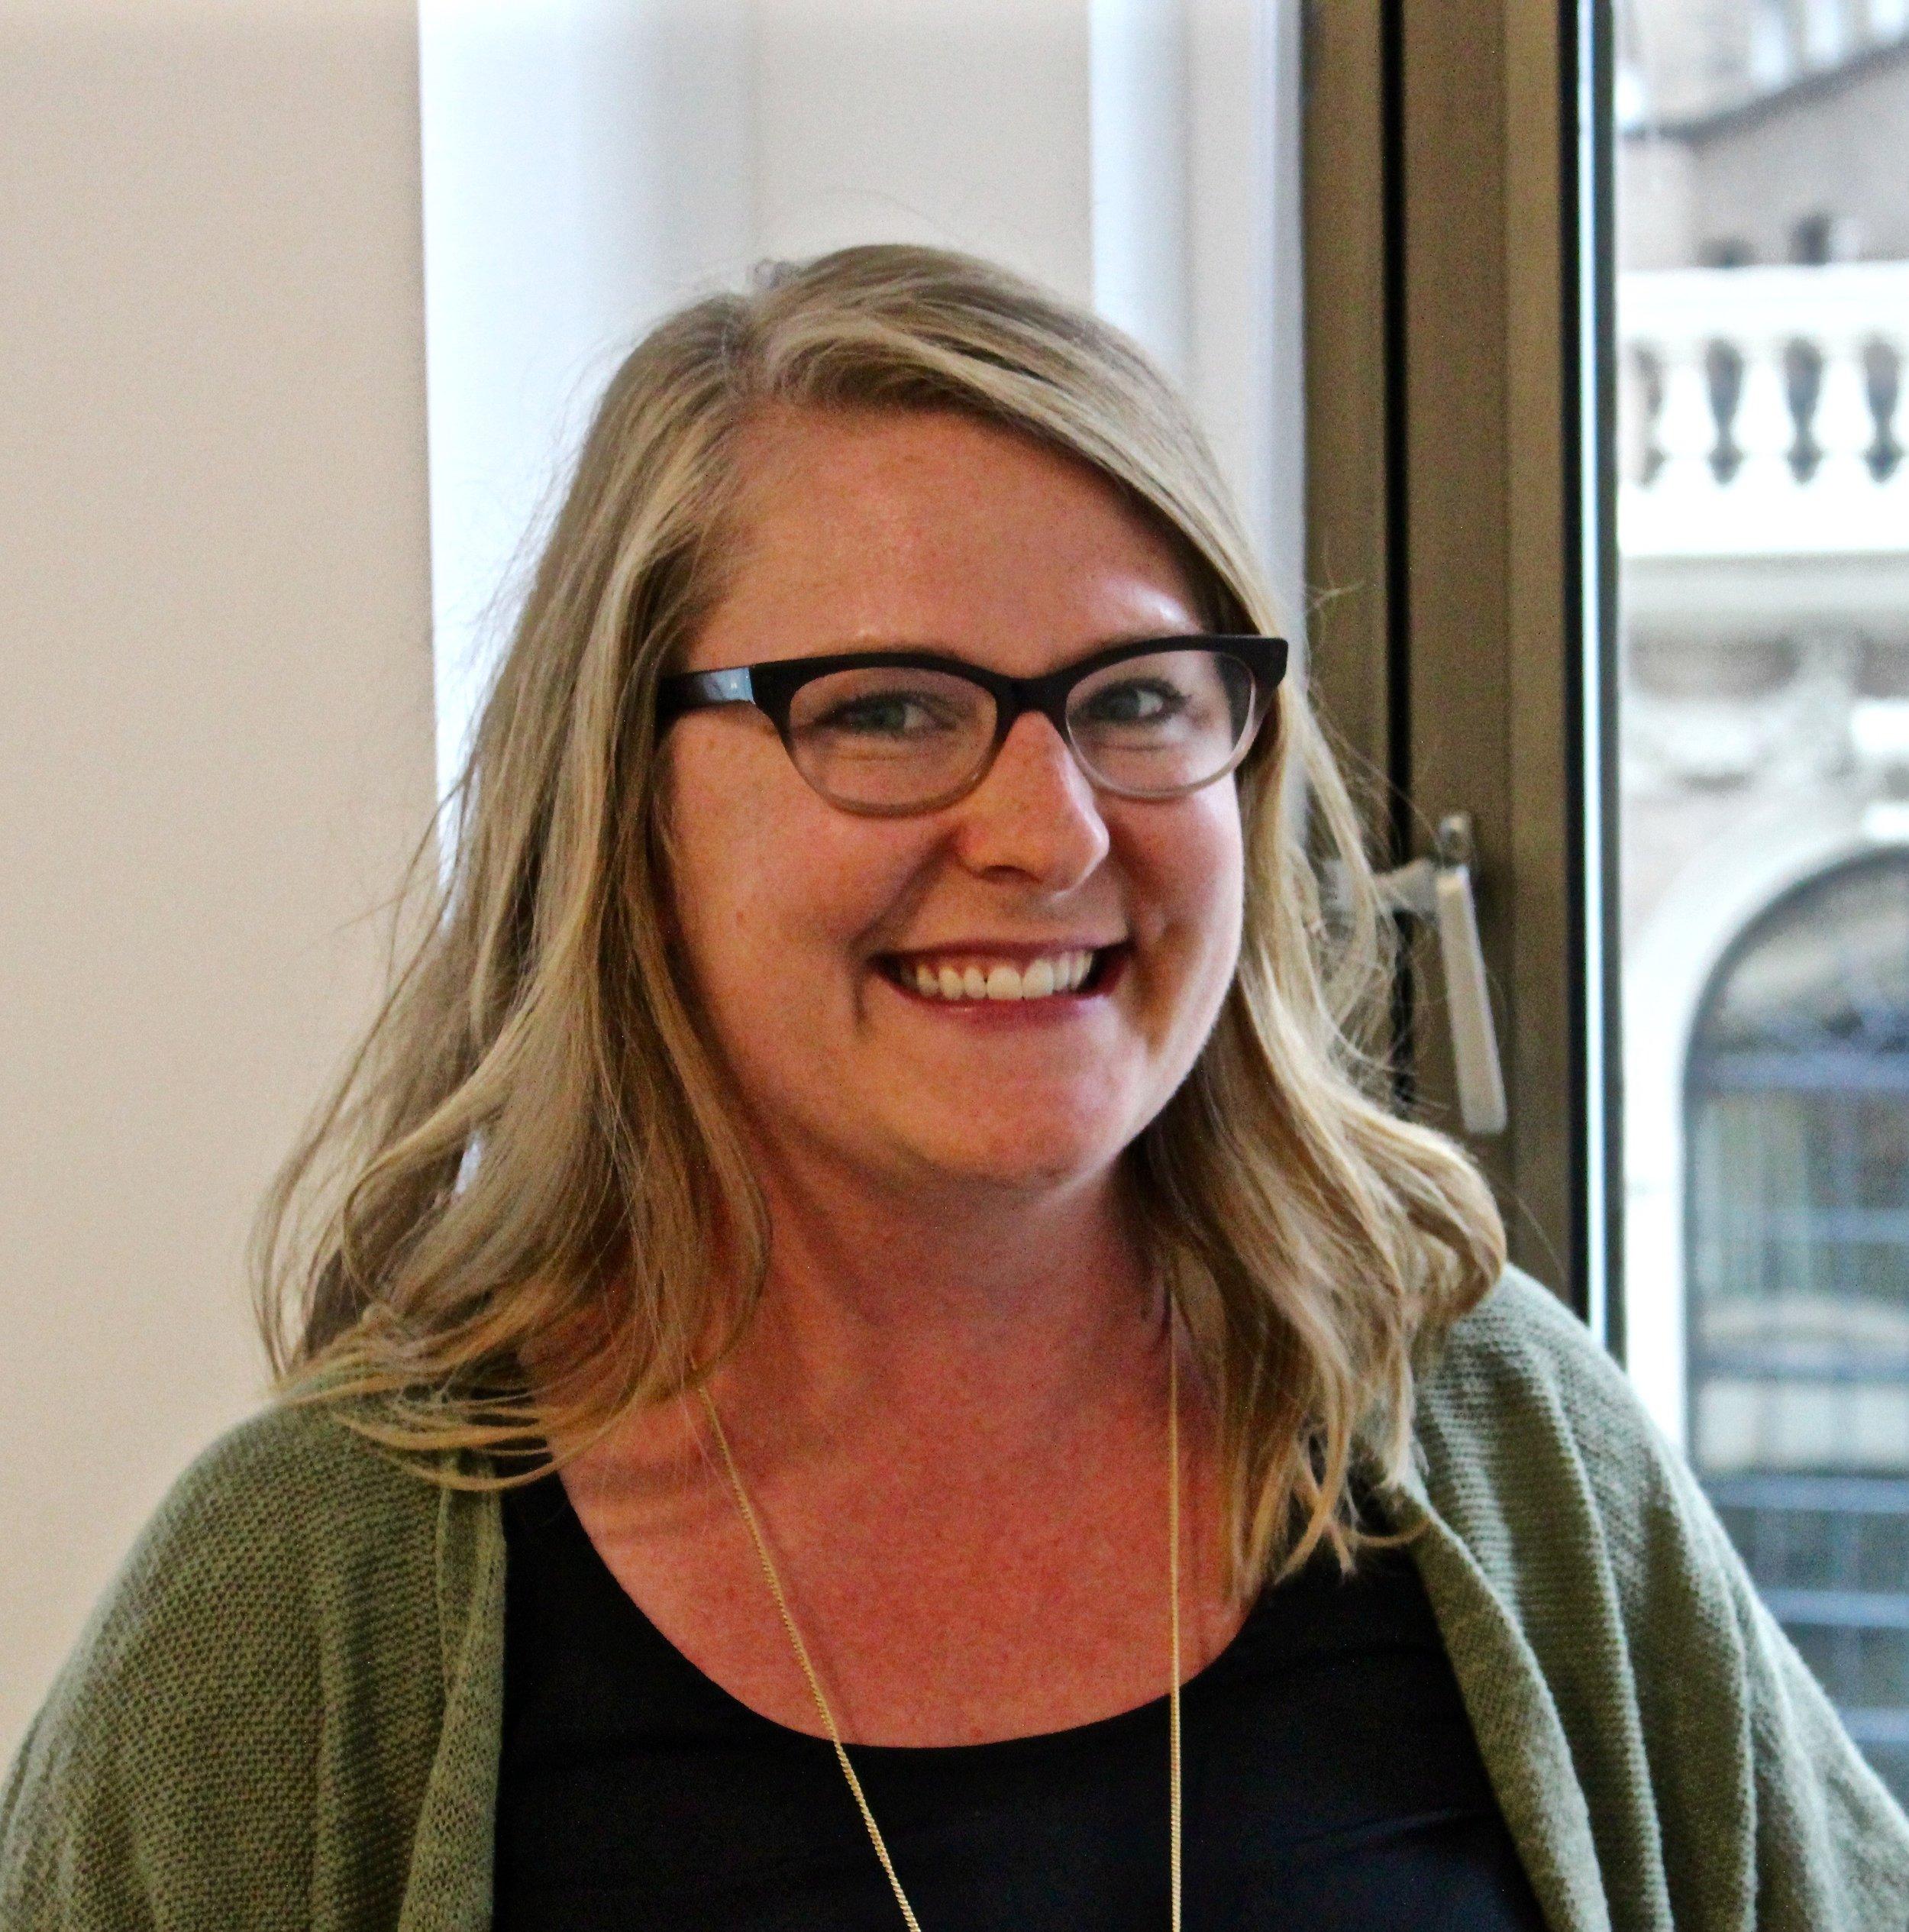 Stephanie Guidry,  The BostonFoundation